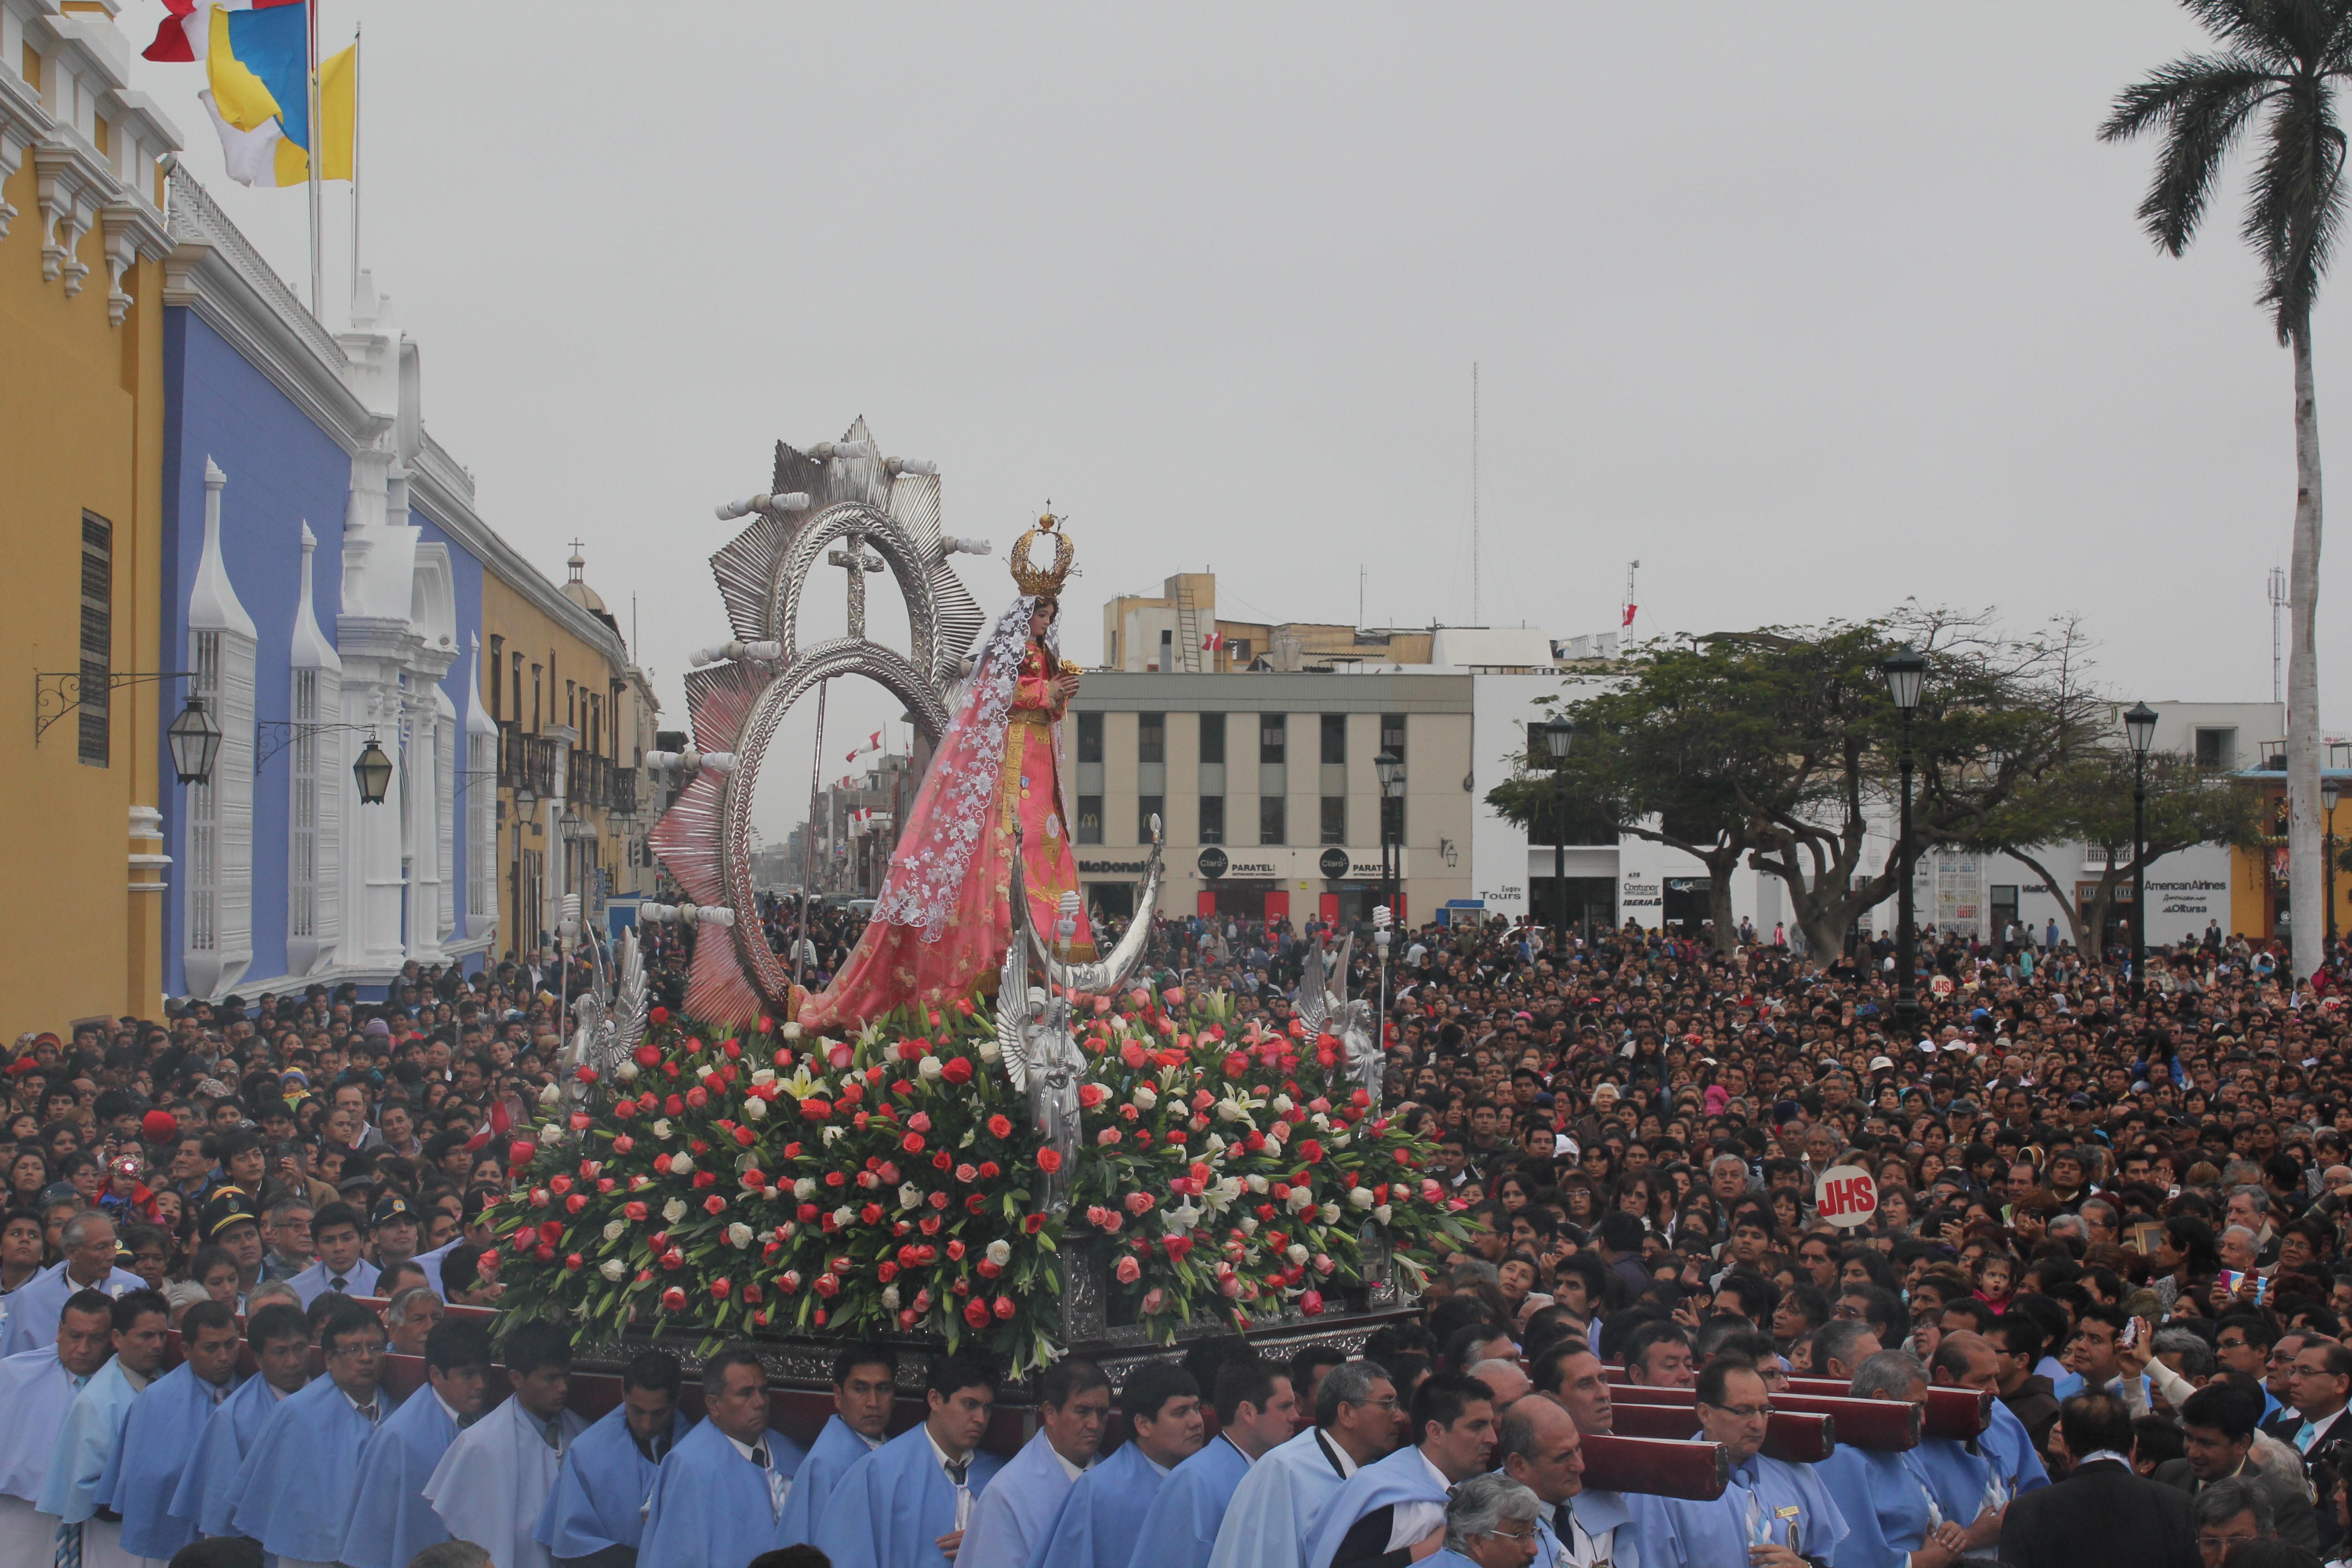 El Papa Francisco emocionado por coronación a la Virgen de la Puerta de Otuzco